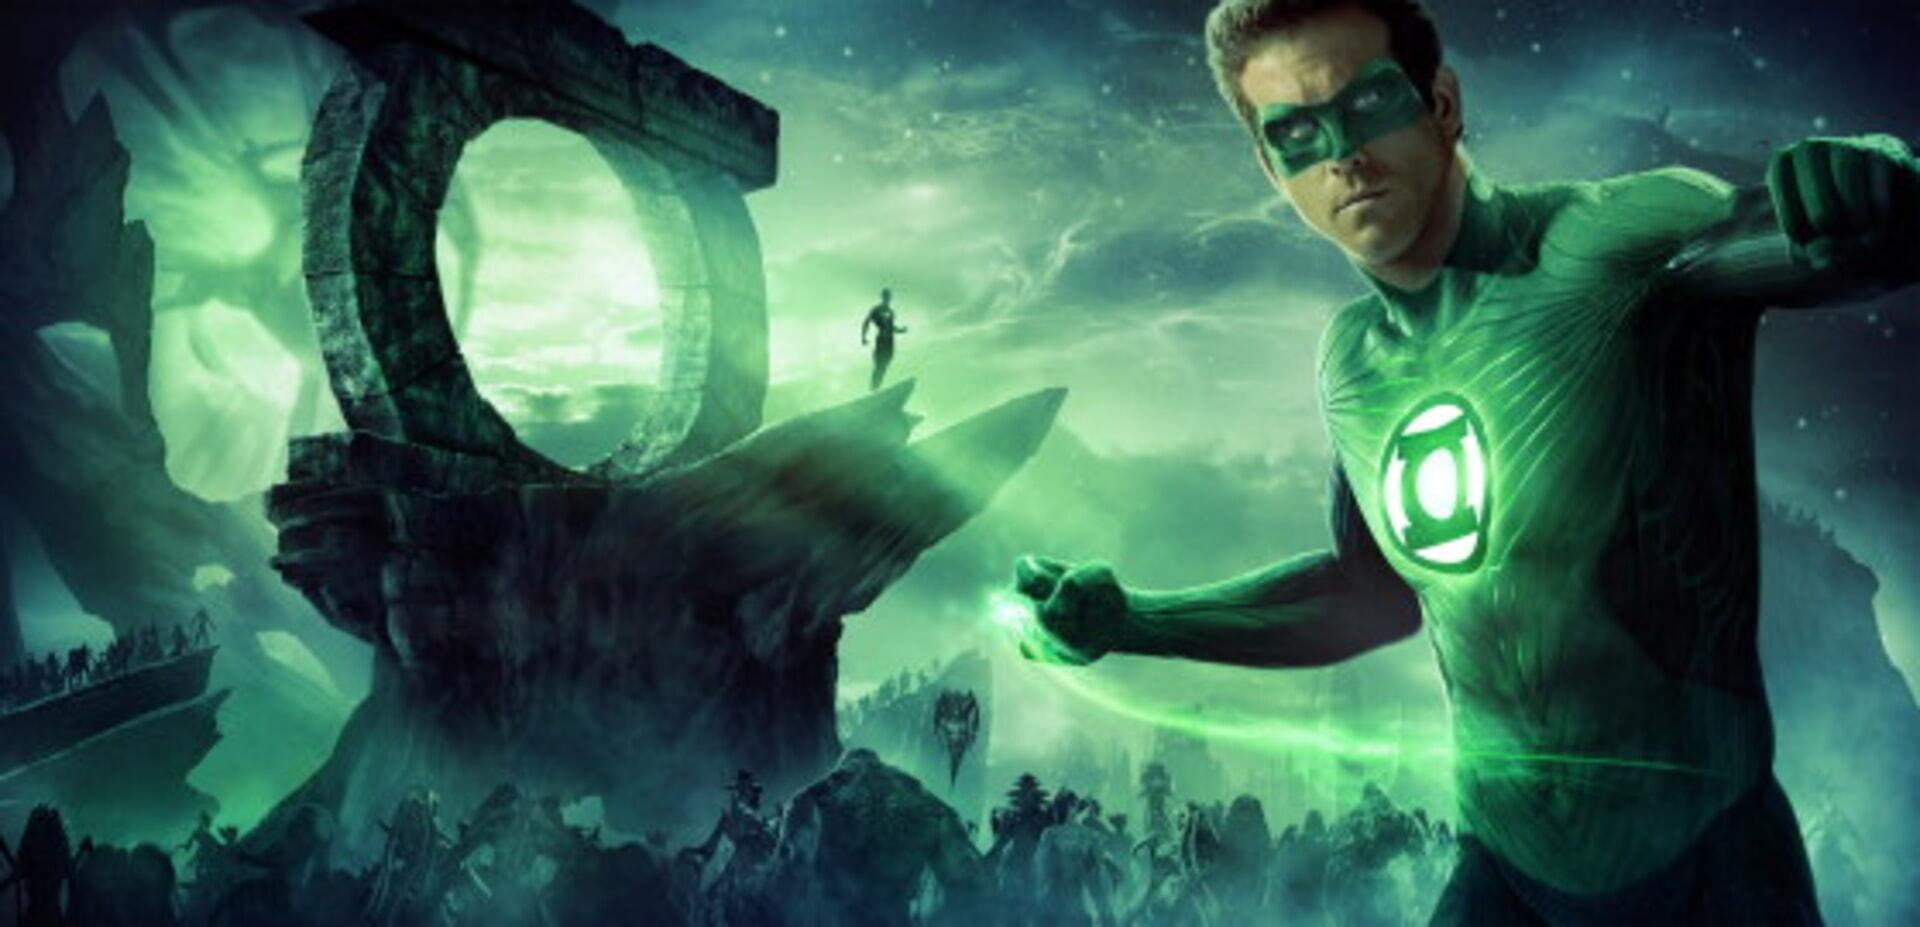 Green Lantern - Image 4